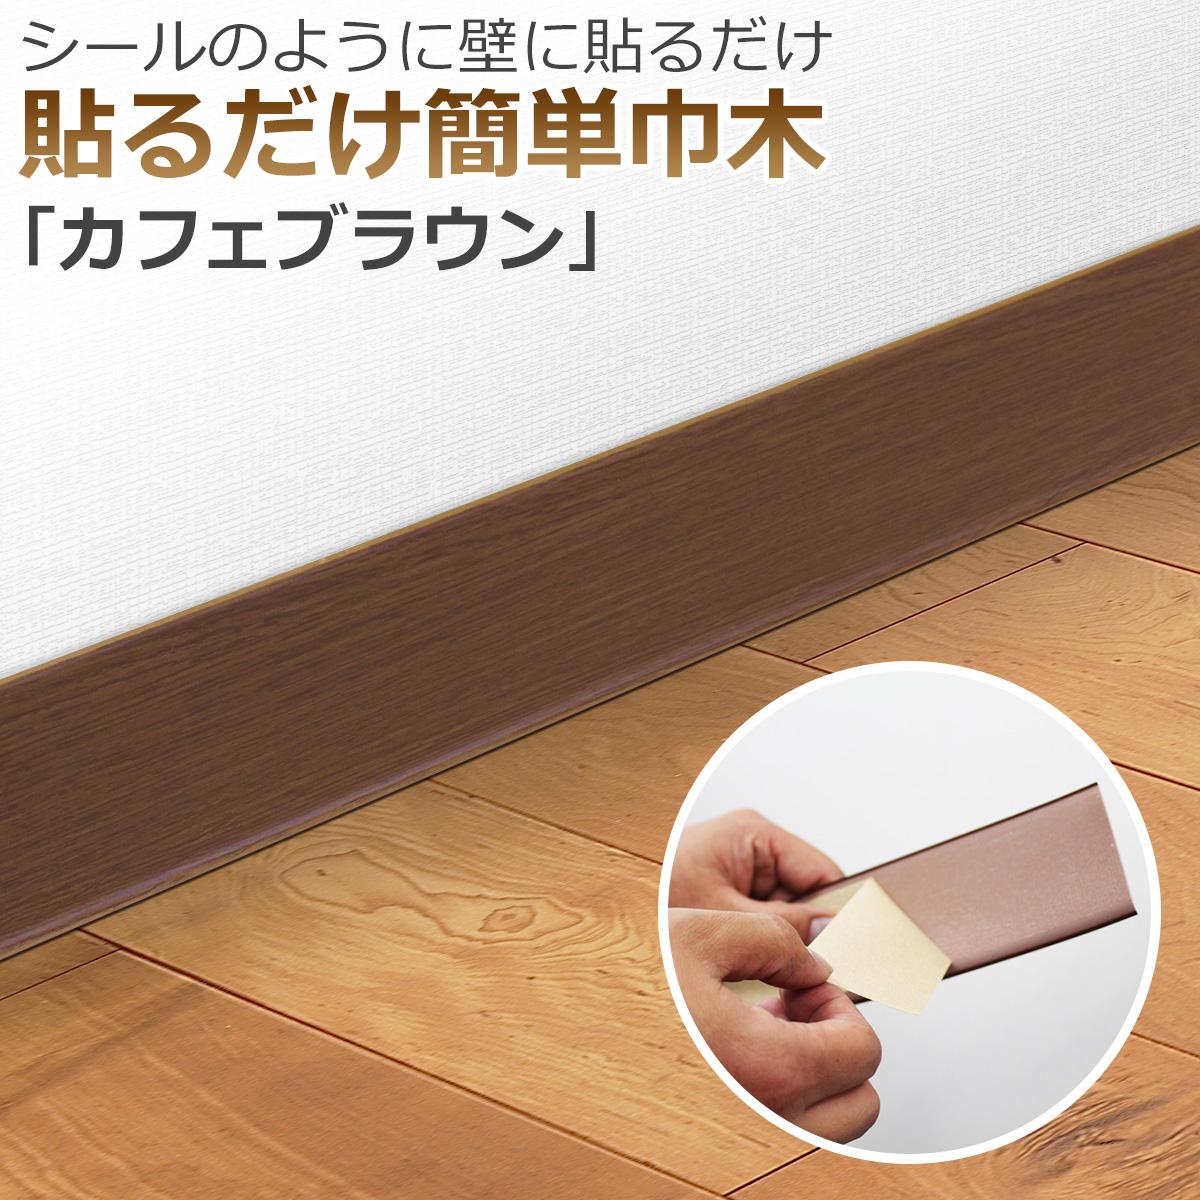 シールのように壁に貼るだけ 貼るだけ簡単巾木「カフェブラウン」